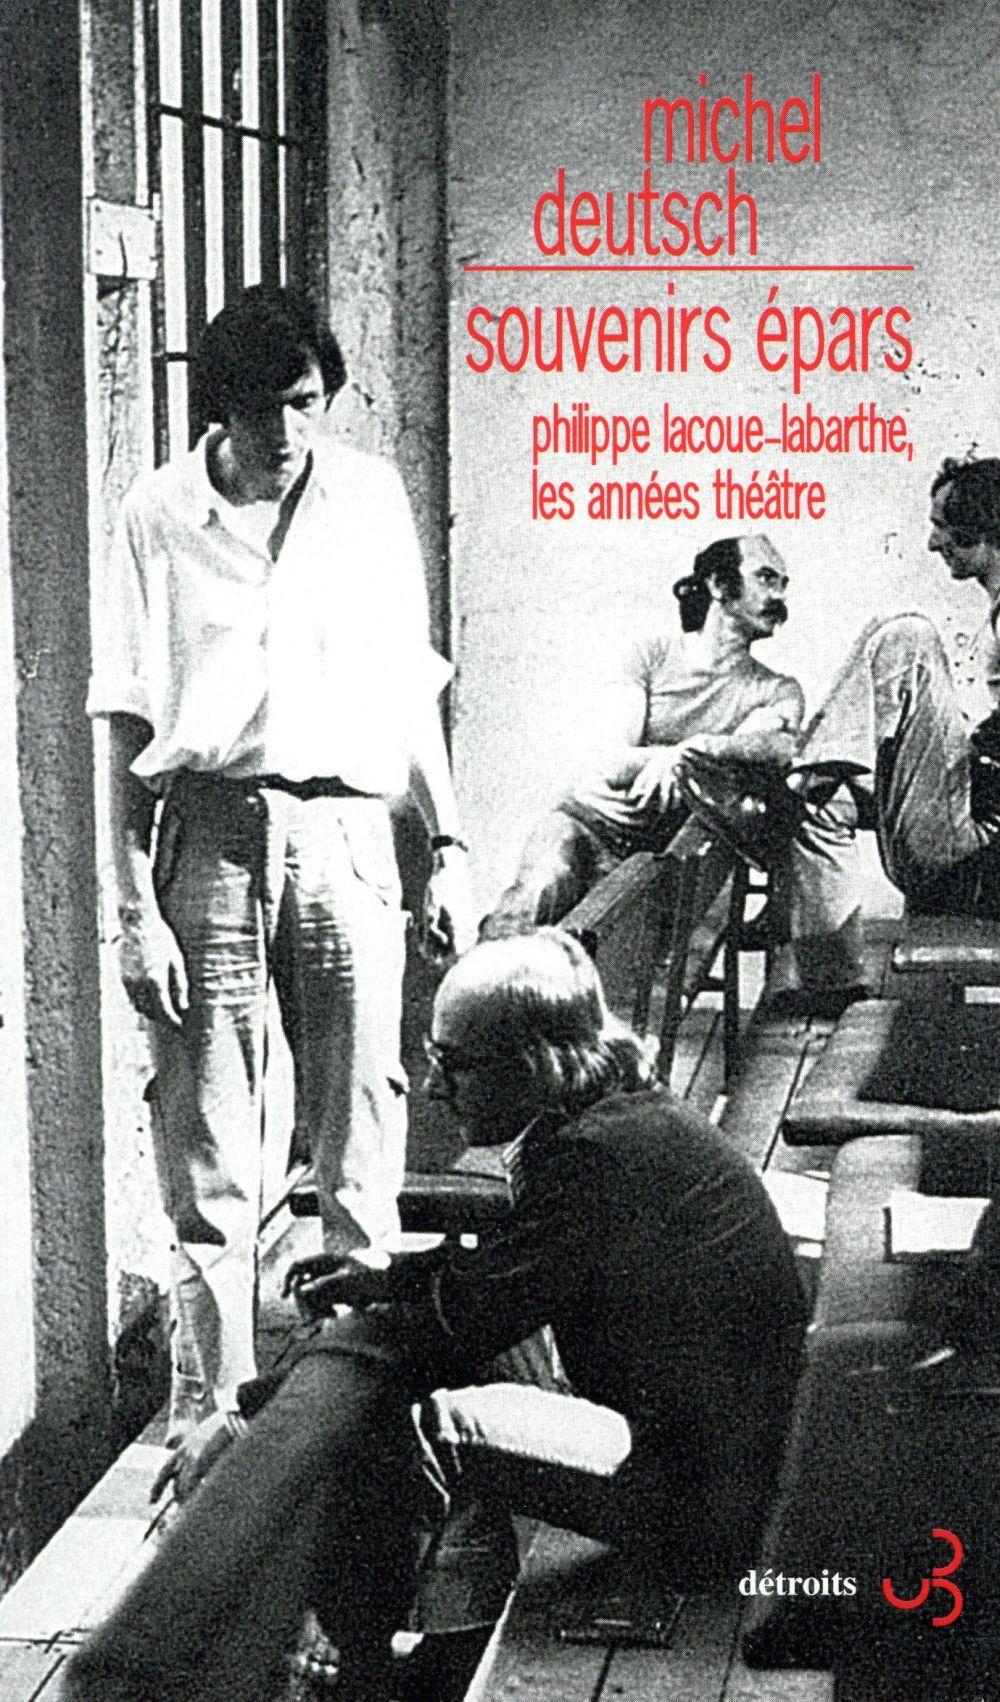 SOUVENIRS EPARS PHILIPPE LACOUE-LABARTHE, LES ANNEES THEATRE